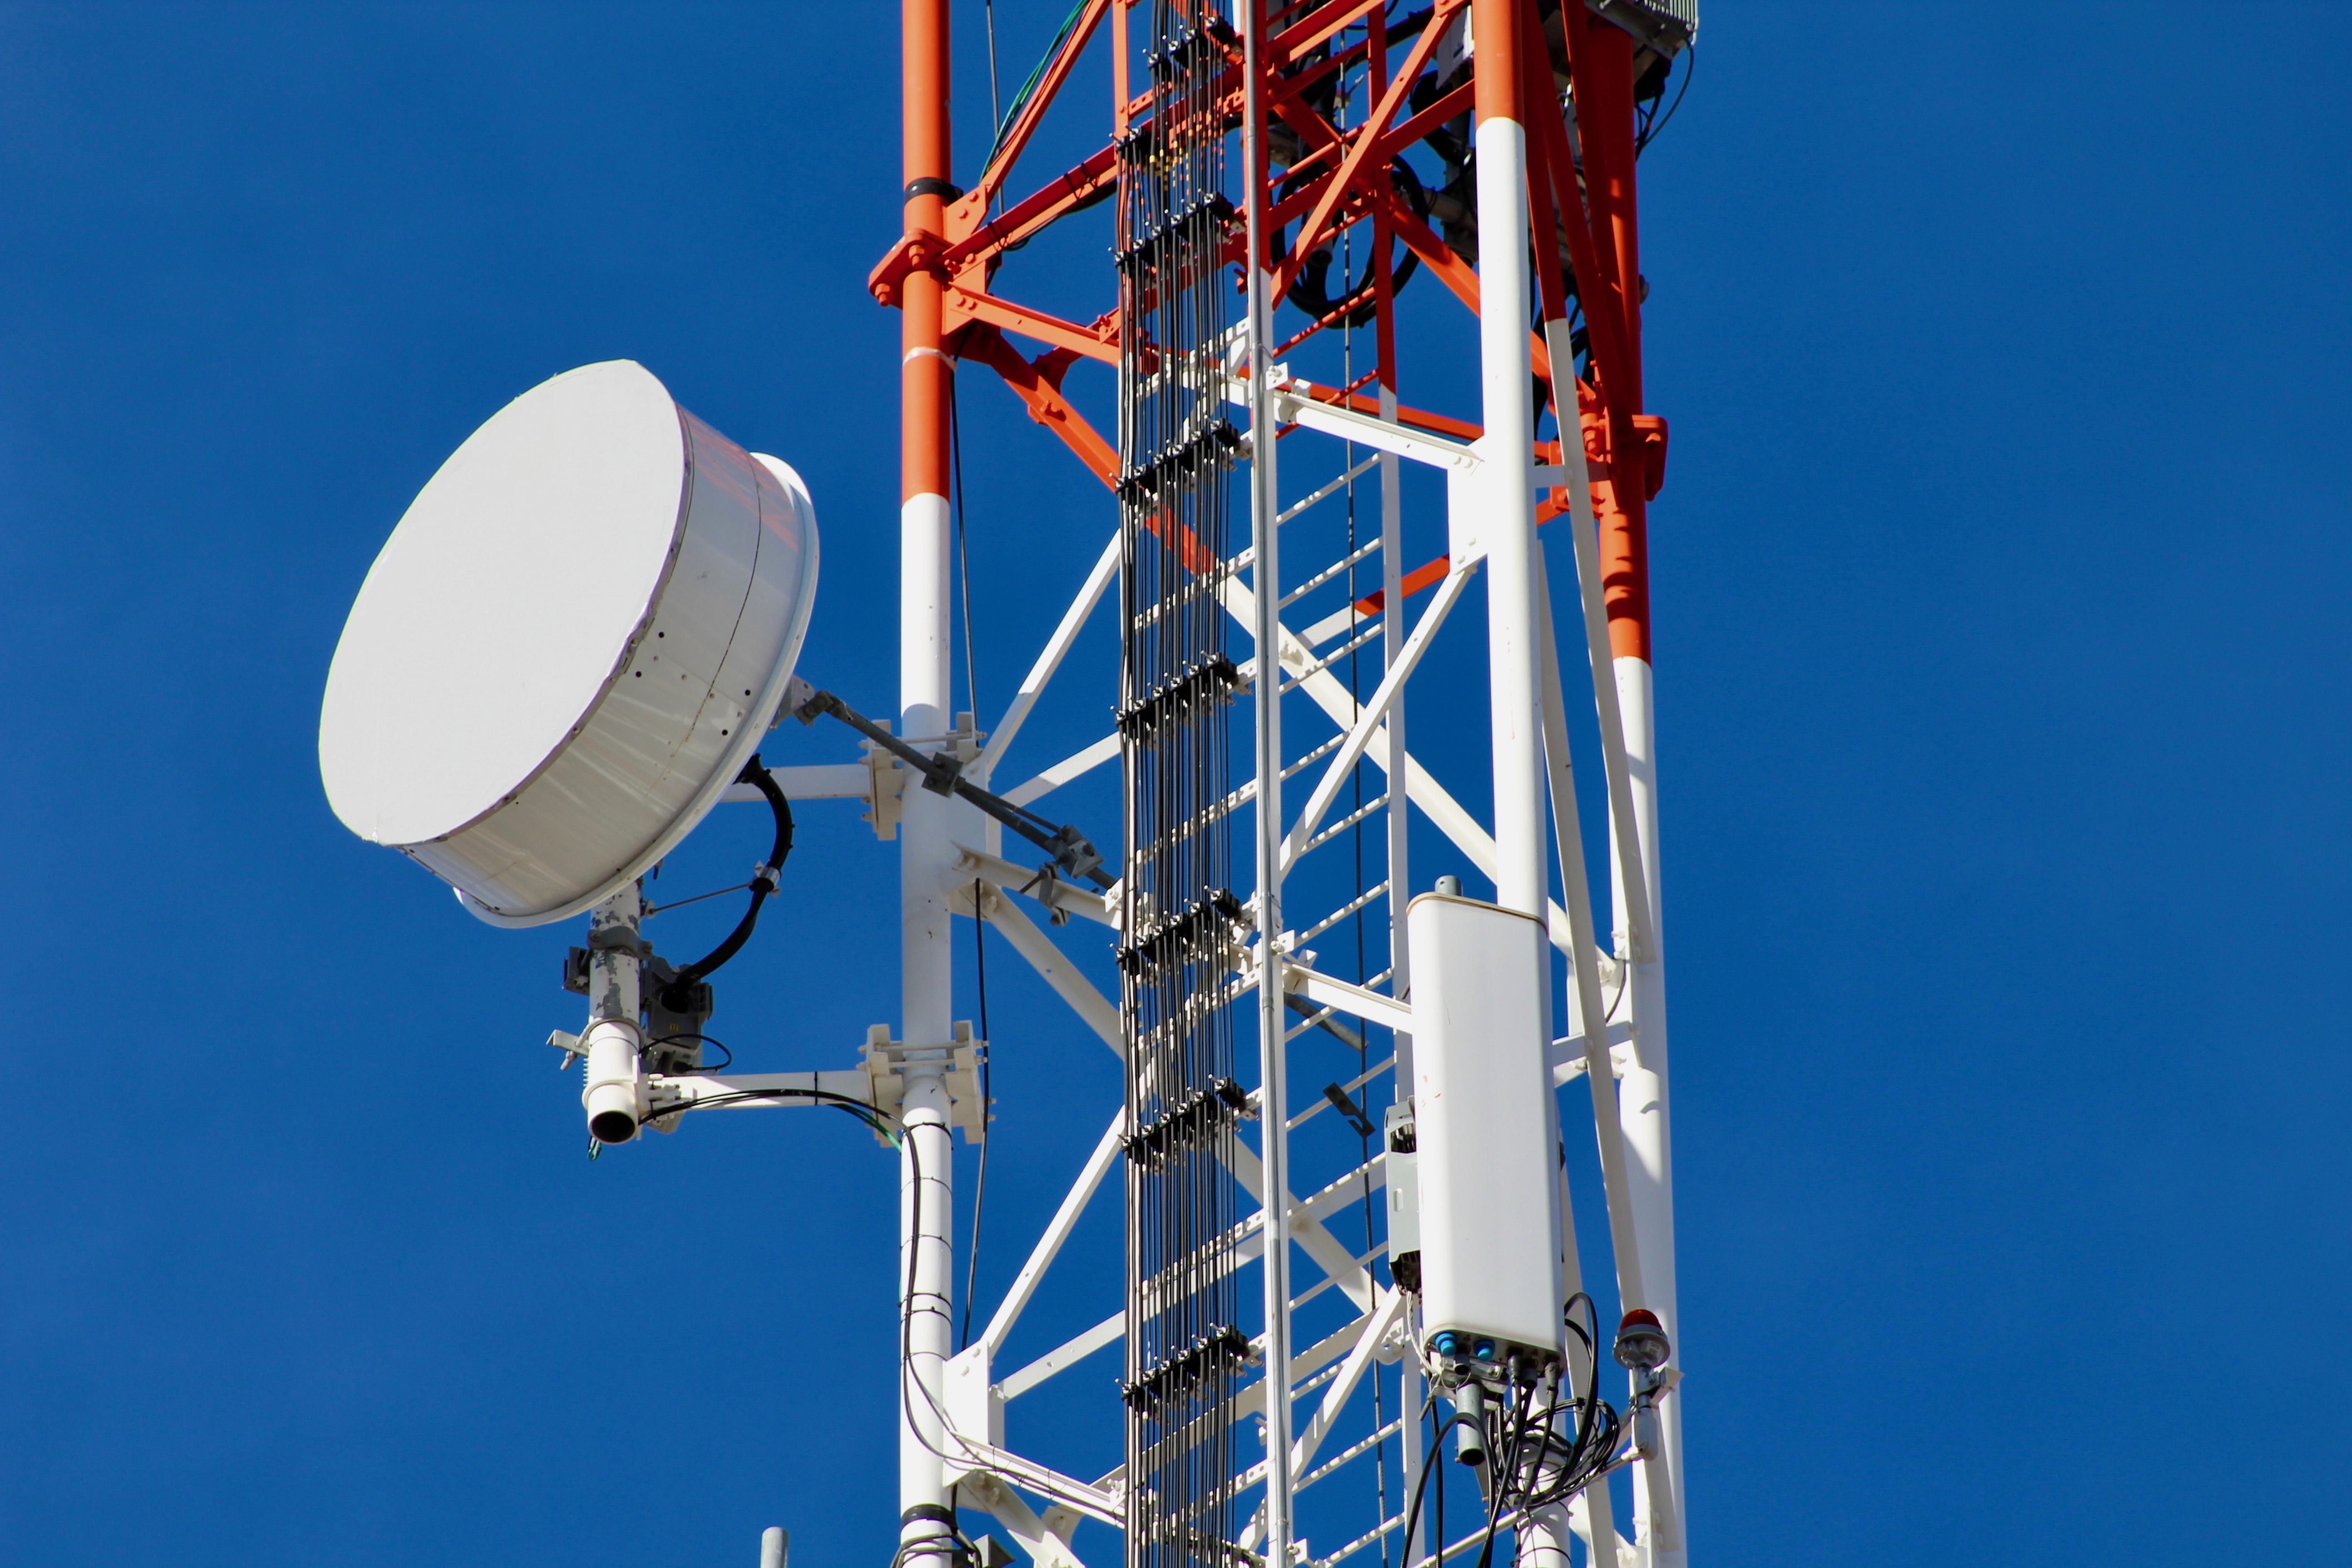 Falta mejorar regulación asimétrica en telecomunicaciones, apunta AT&T